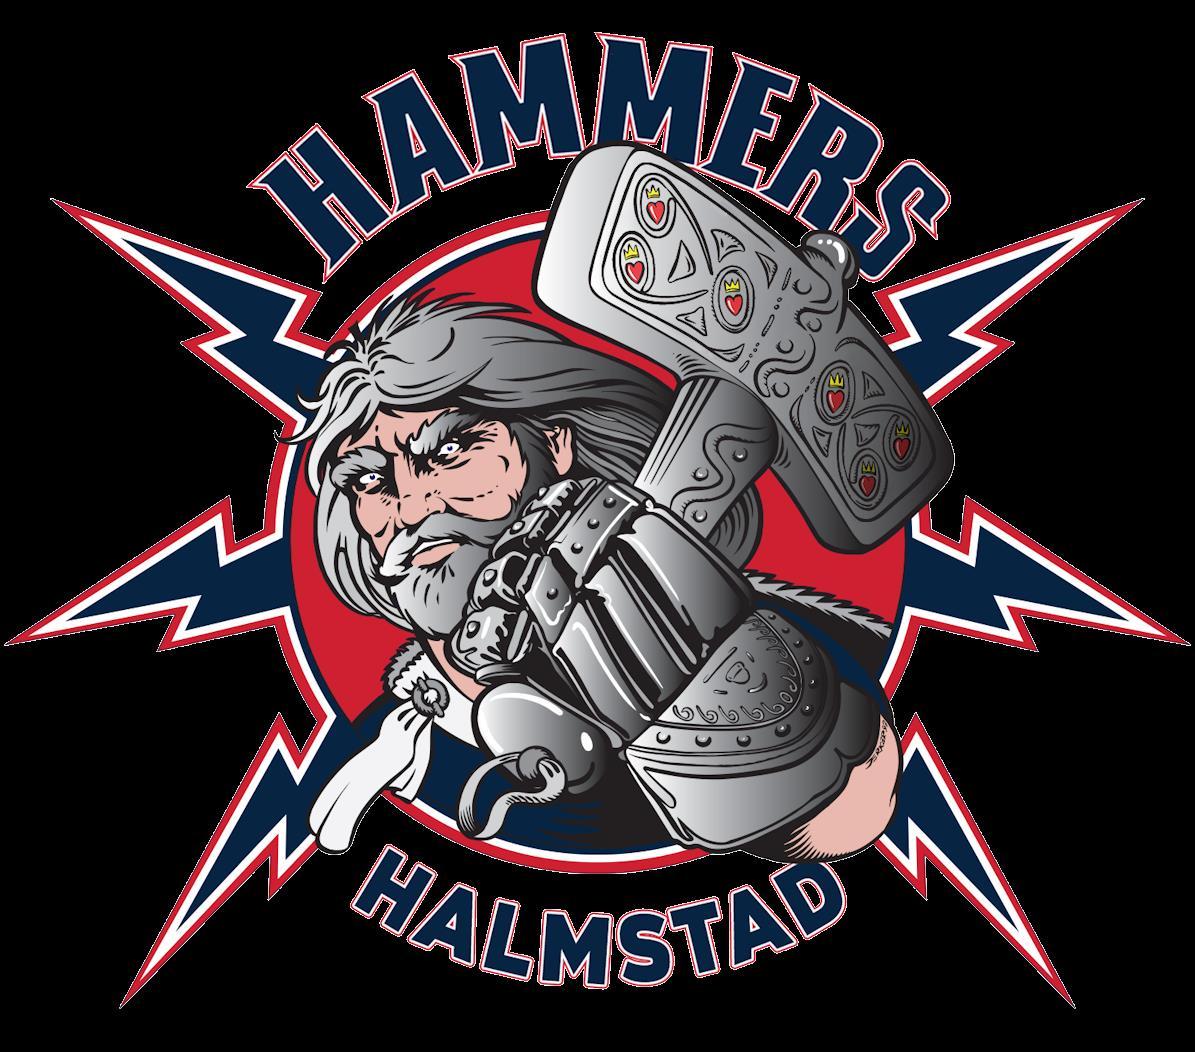 Hammers vs Kallinge-Ronneby